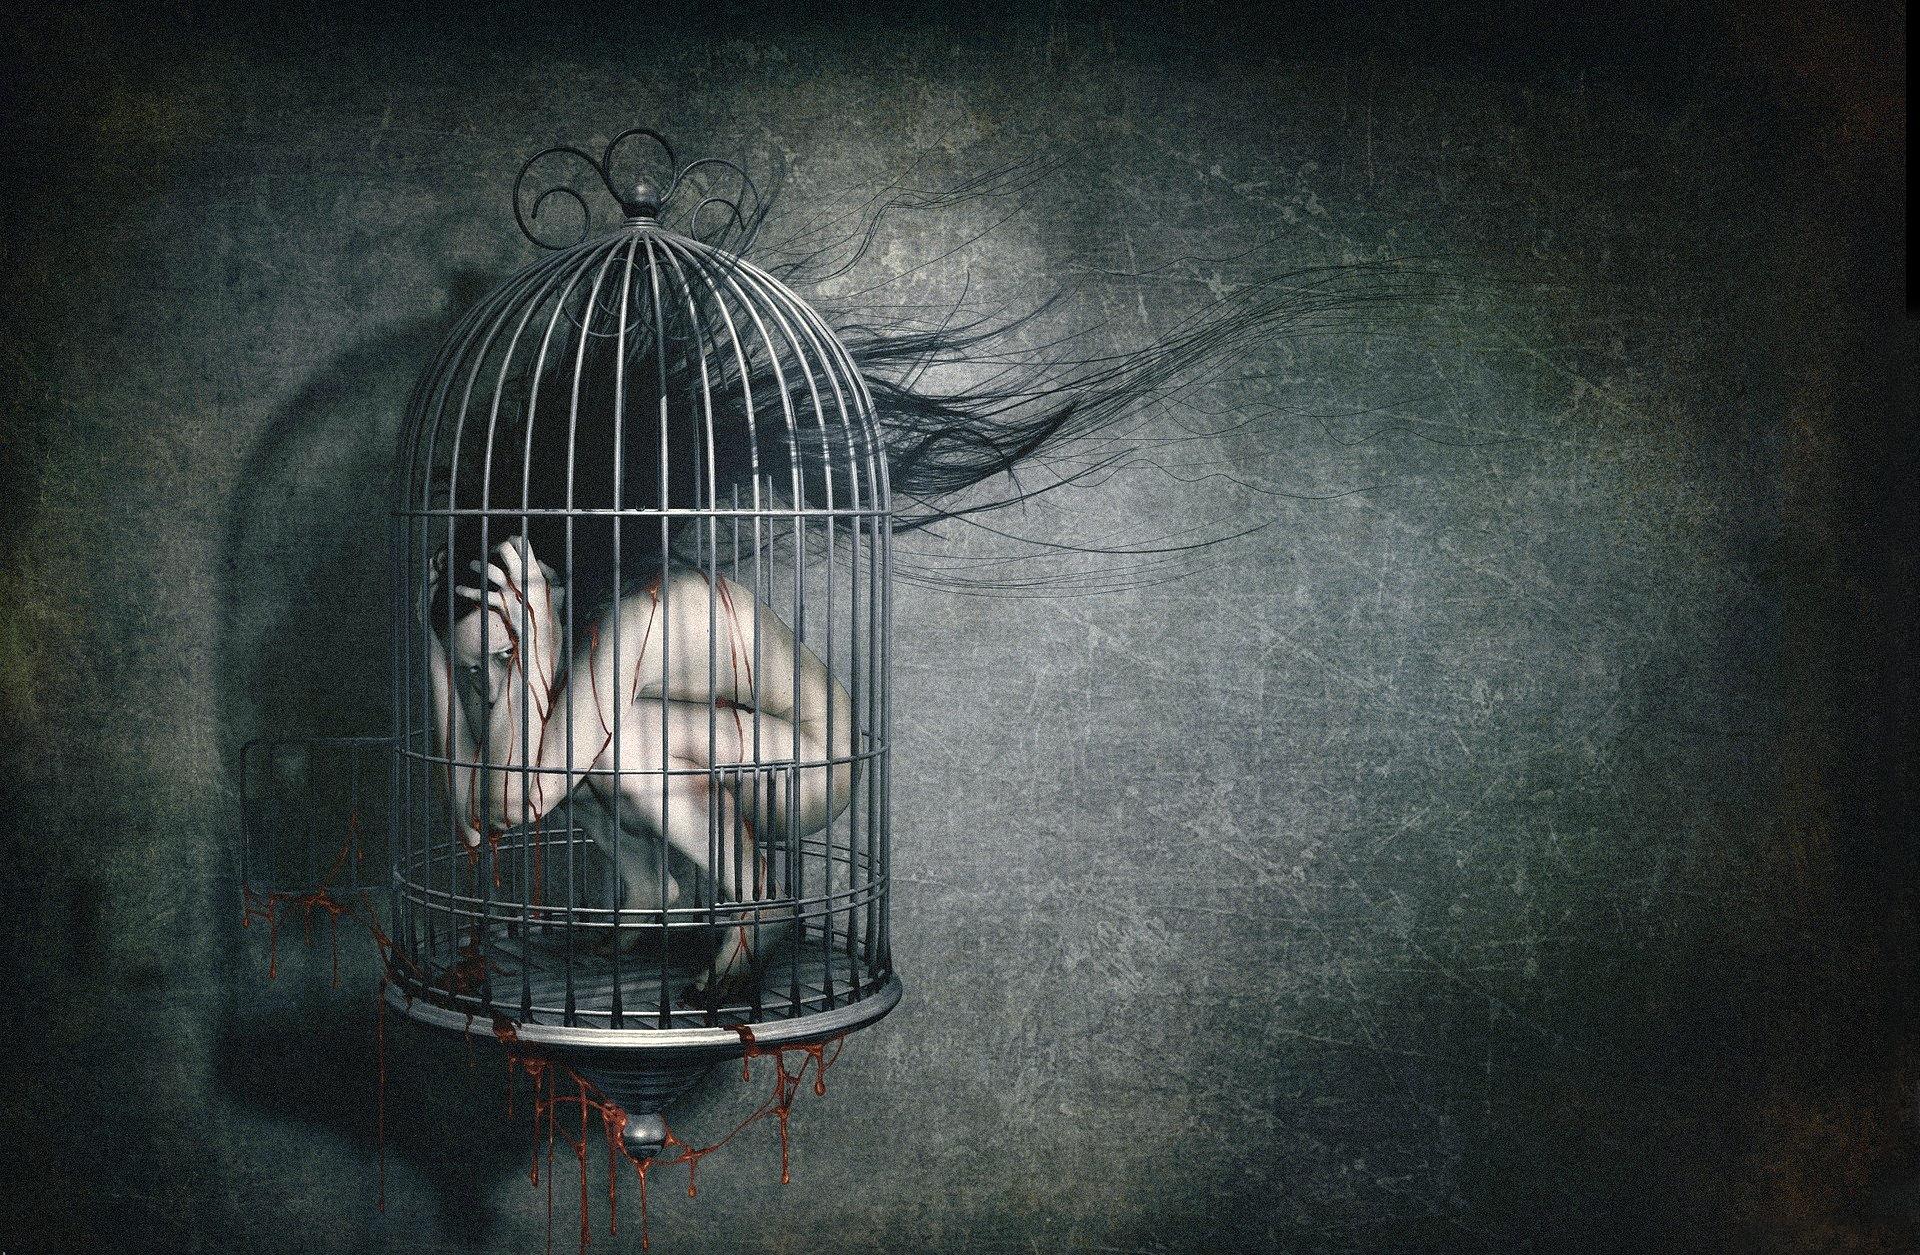 Dark Depressing Wallpaper - WallpaperSafari